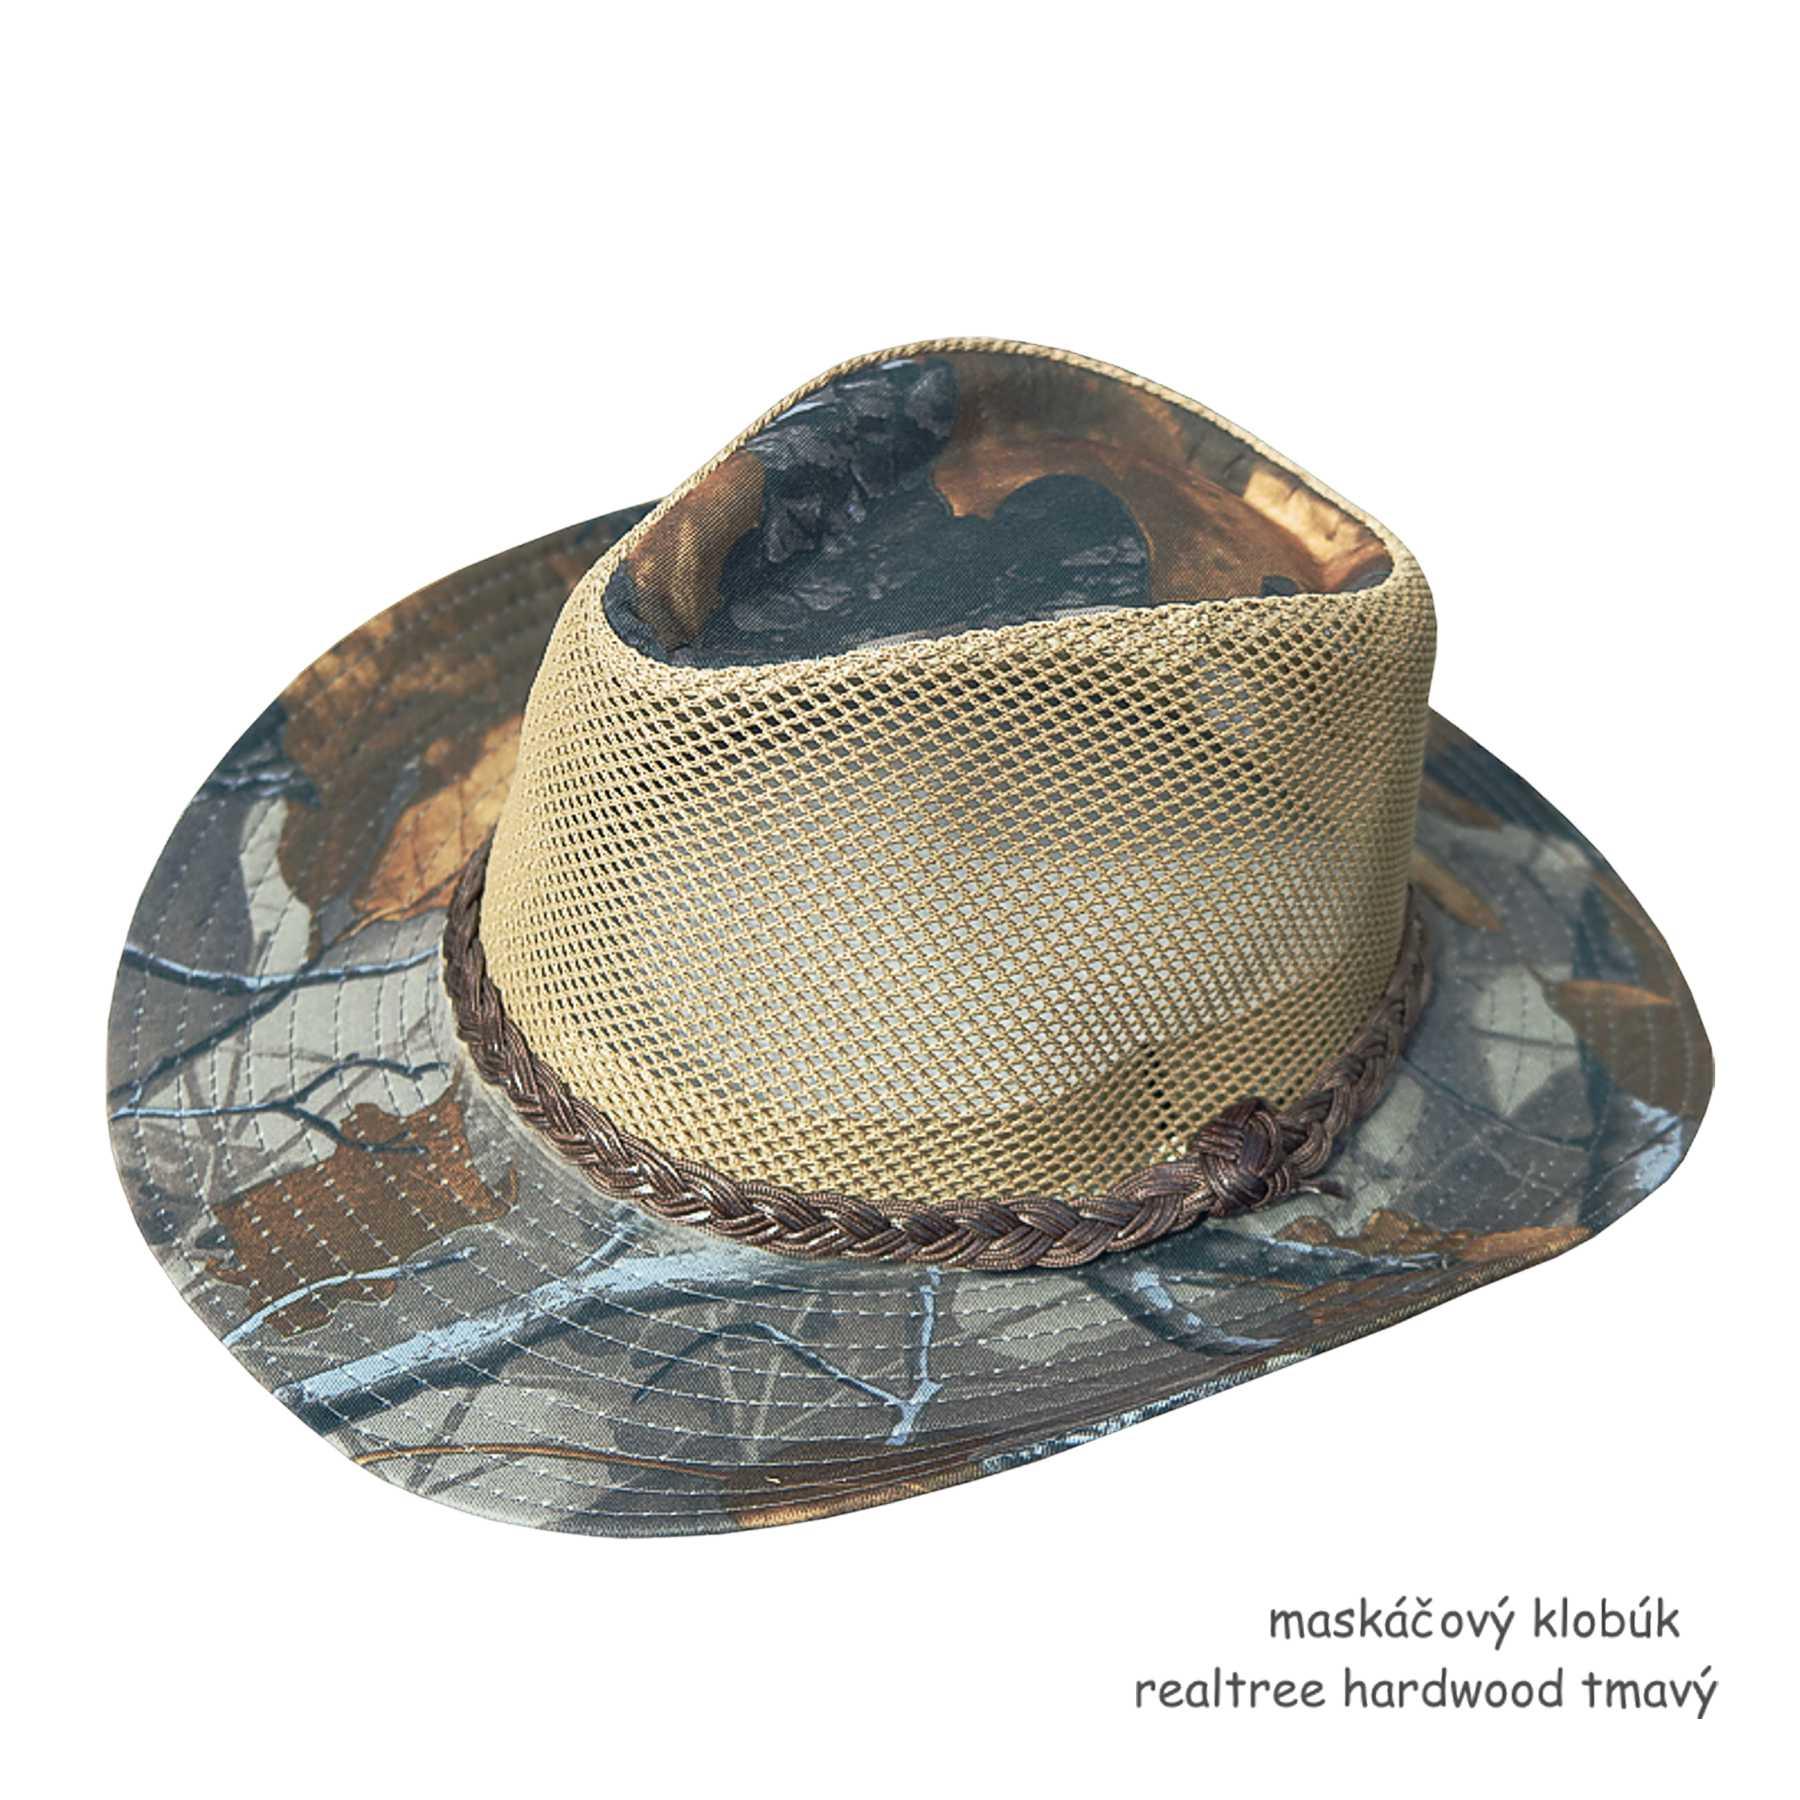 bf0e5286a maskáčový klobúk realtree hardwood tmavý | eOBCHOD a veľkoobchod